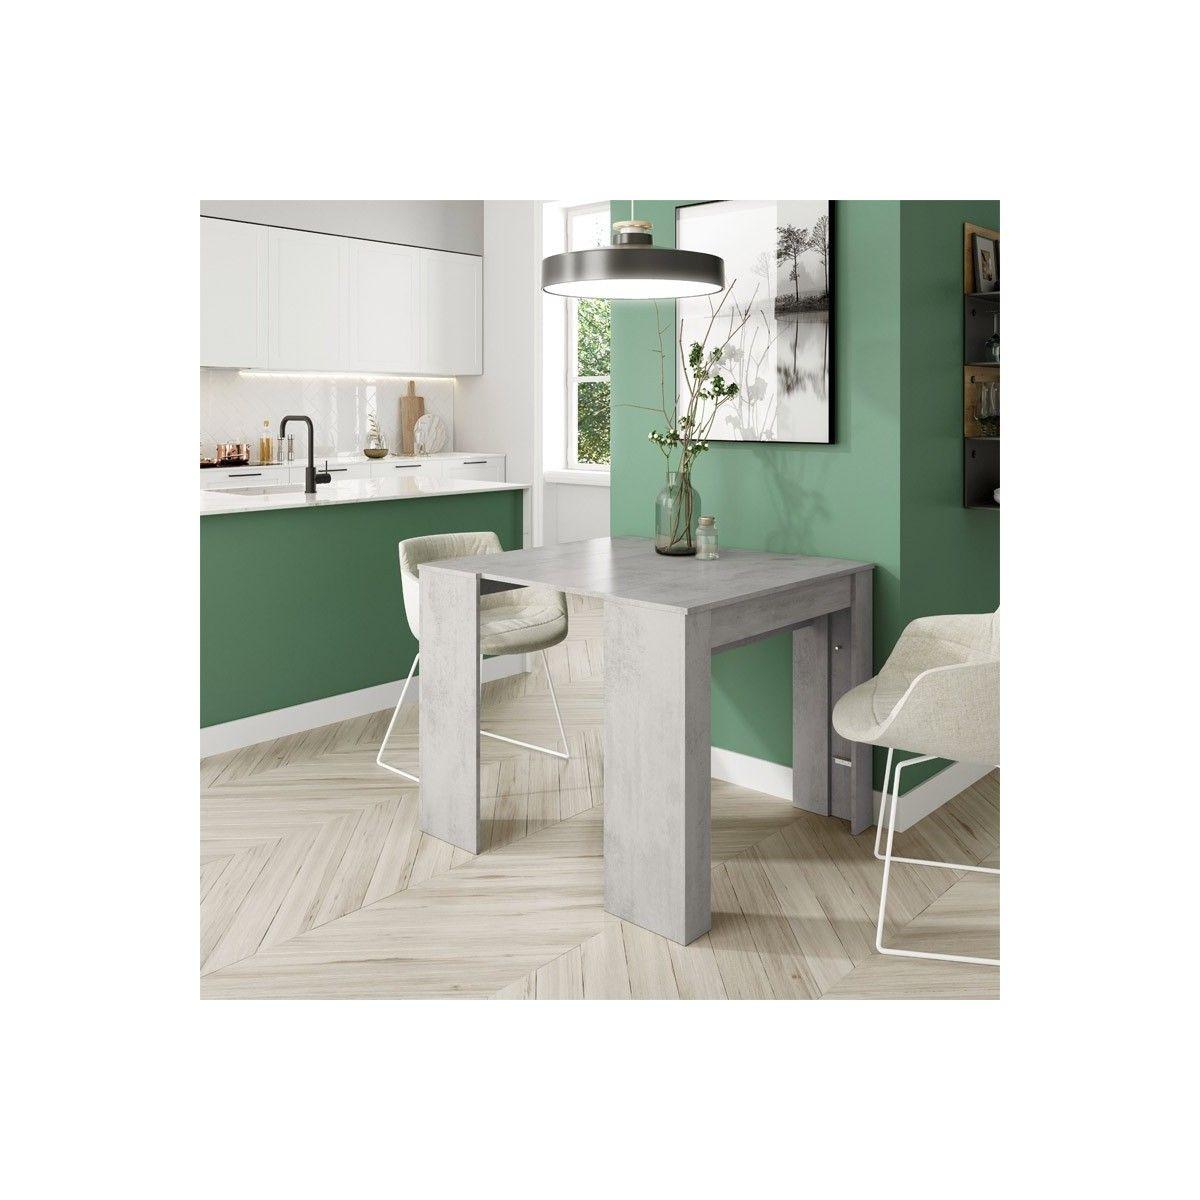 Mesa consola extensible color cemento | Mesa comedor extensible barata